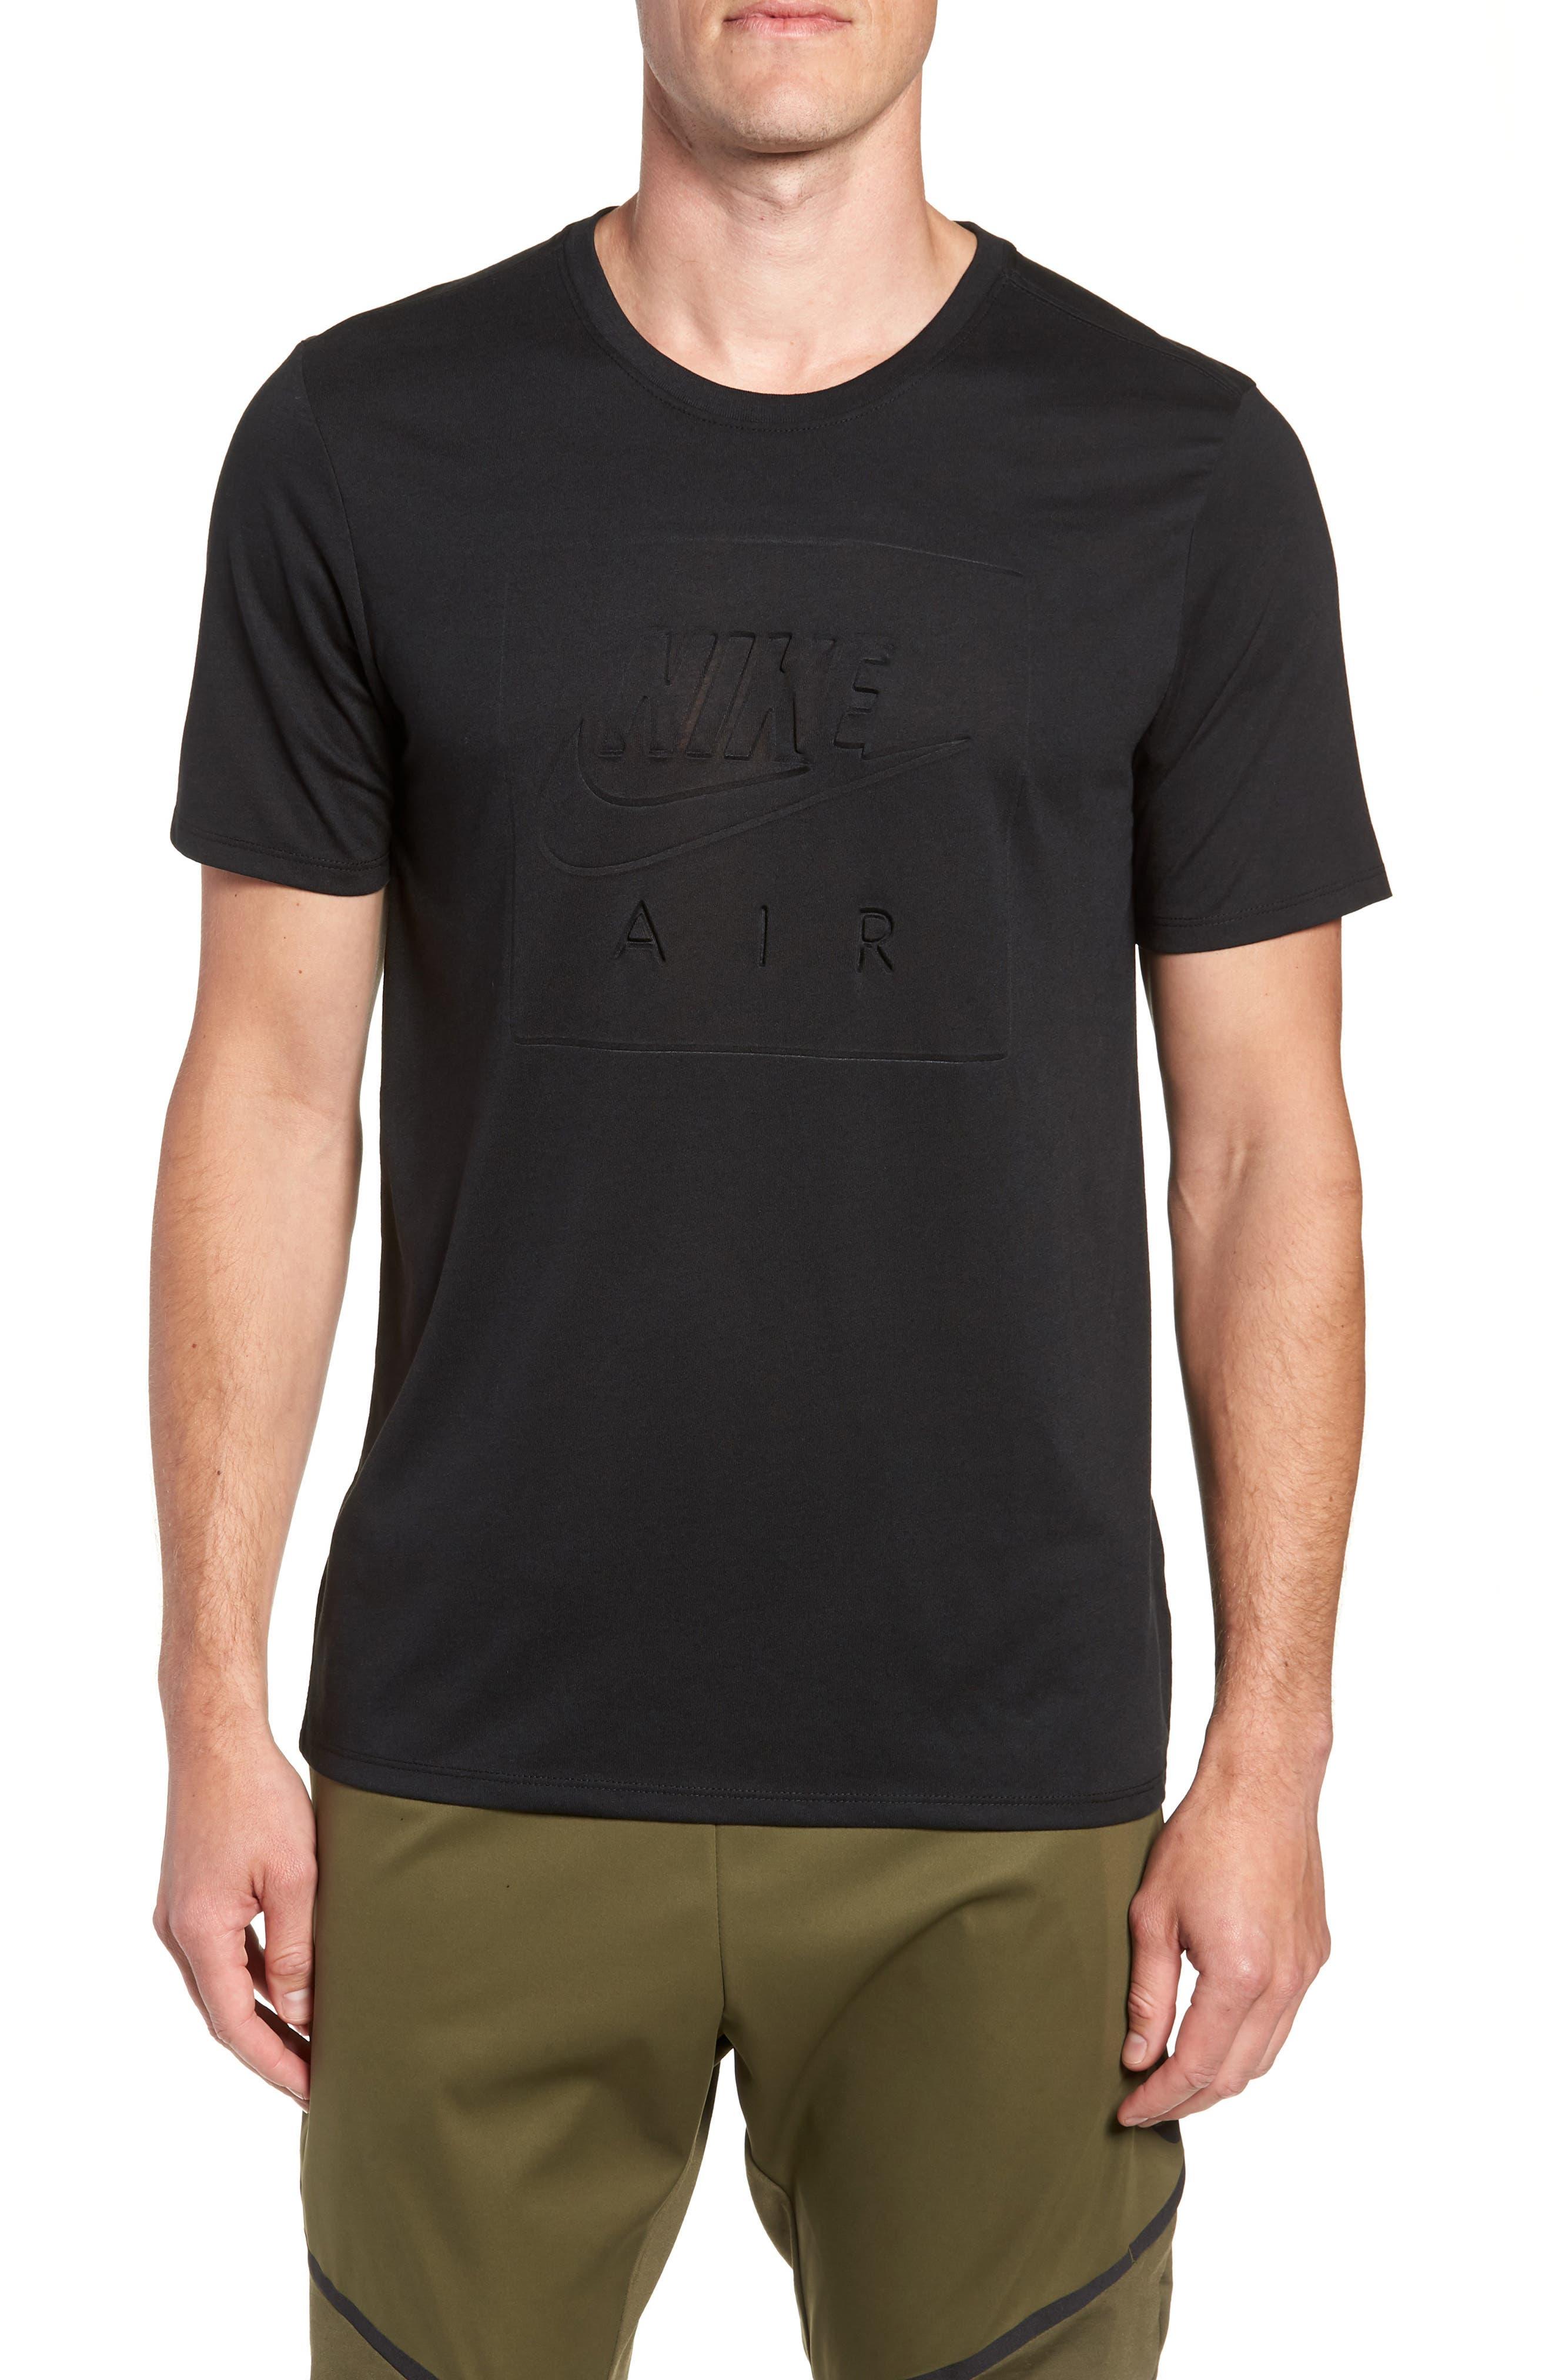 Air 1 T-Shirt,                             Main thumbnail 1, color,                             011